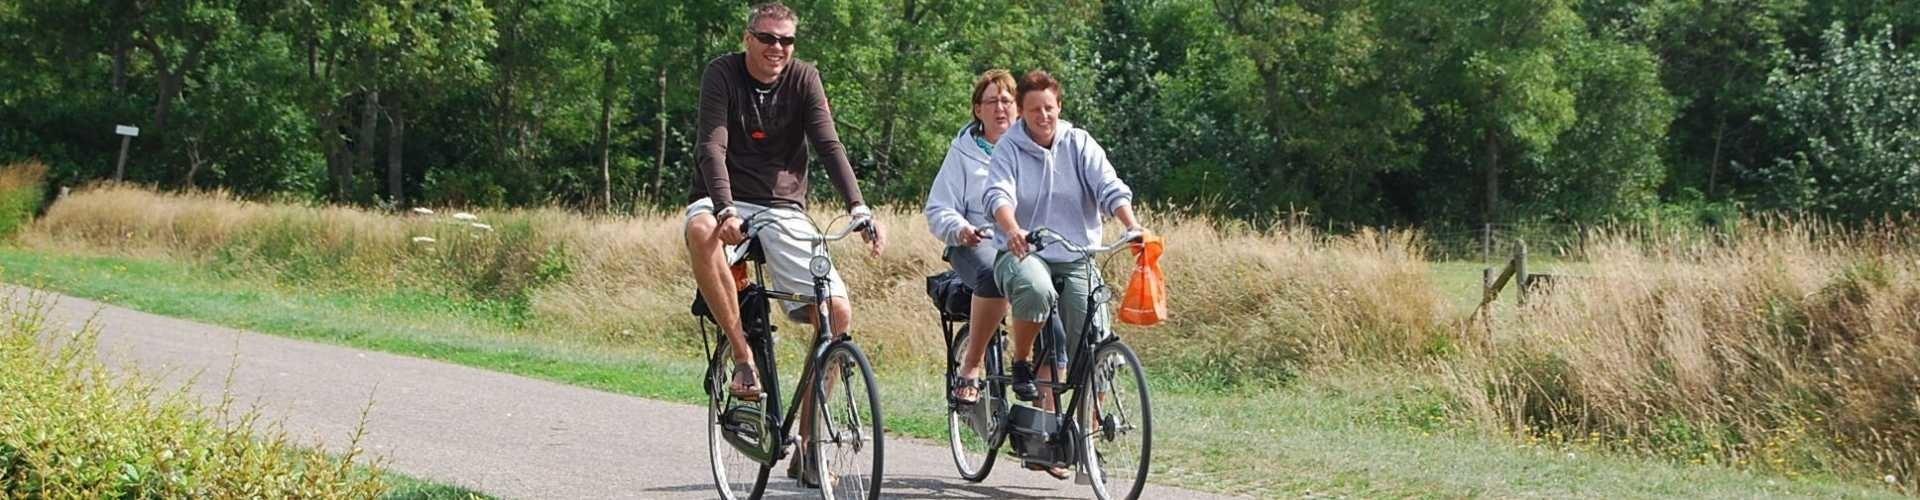 fietspuzzeltocht op texel met de tandem